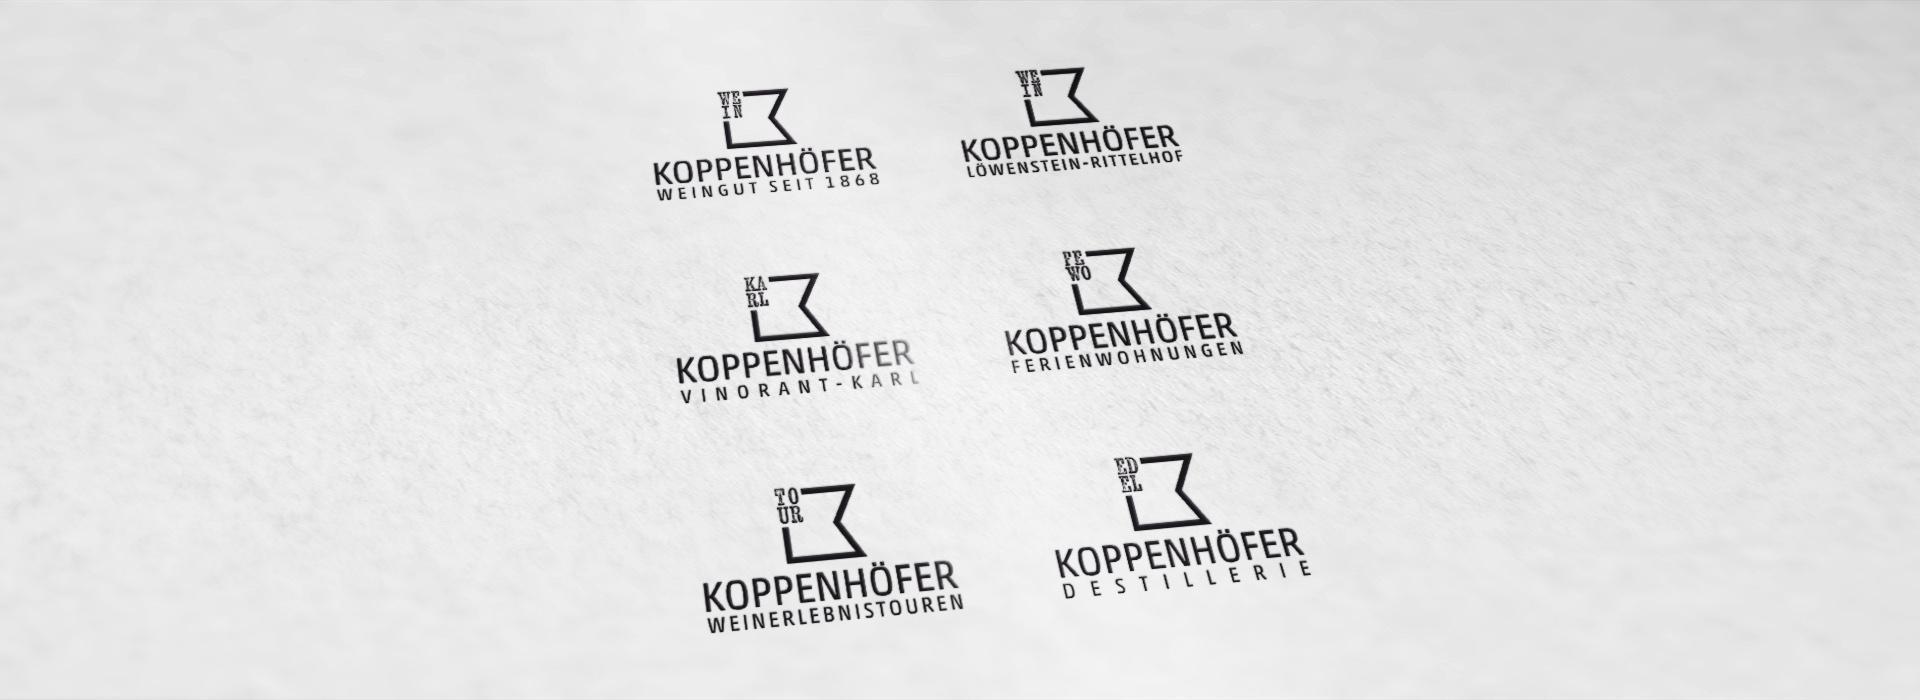 Weingut Koppenhöfer Logovarianten